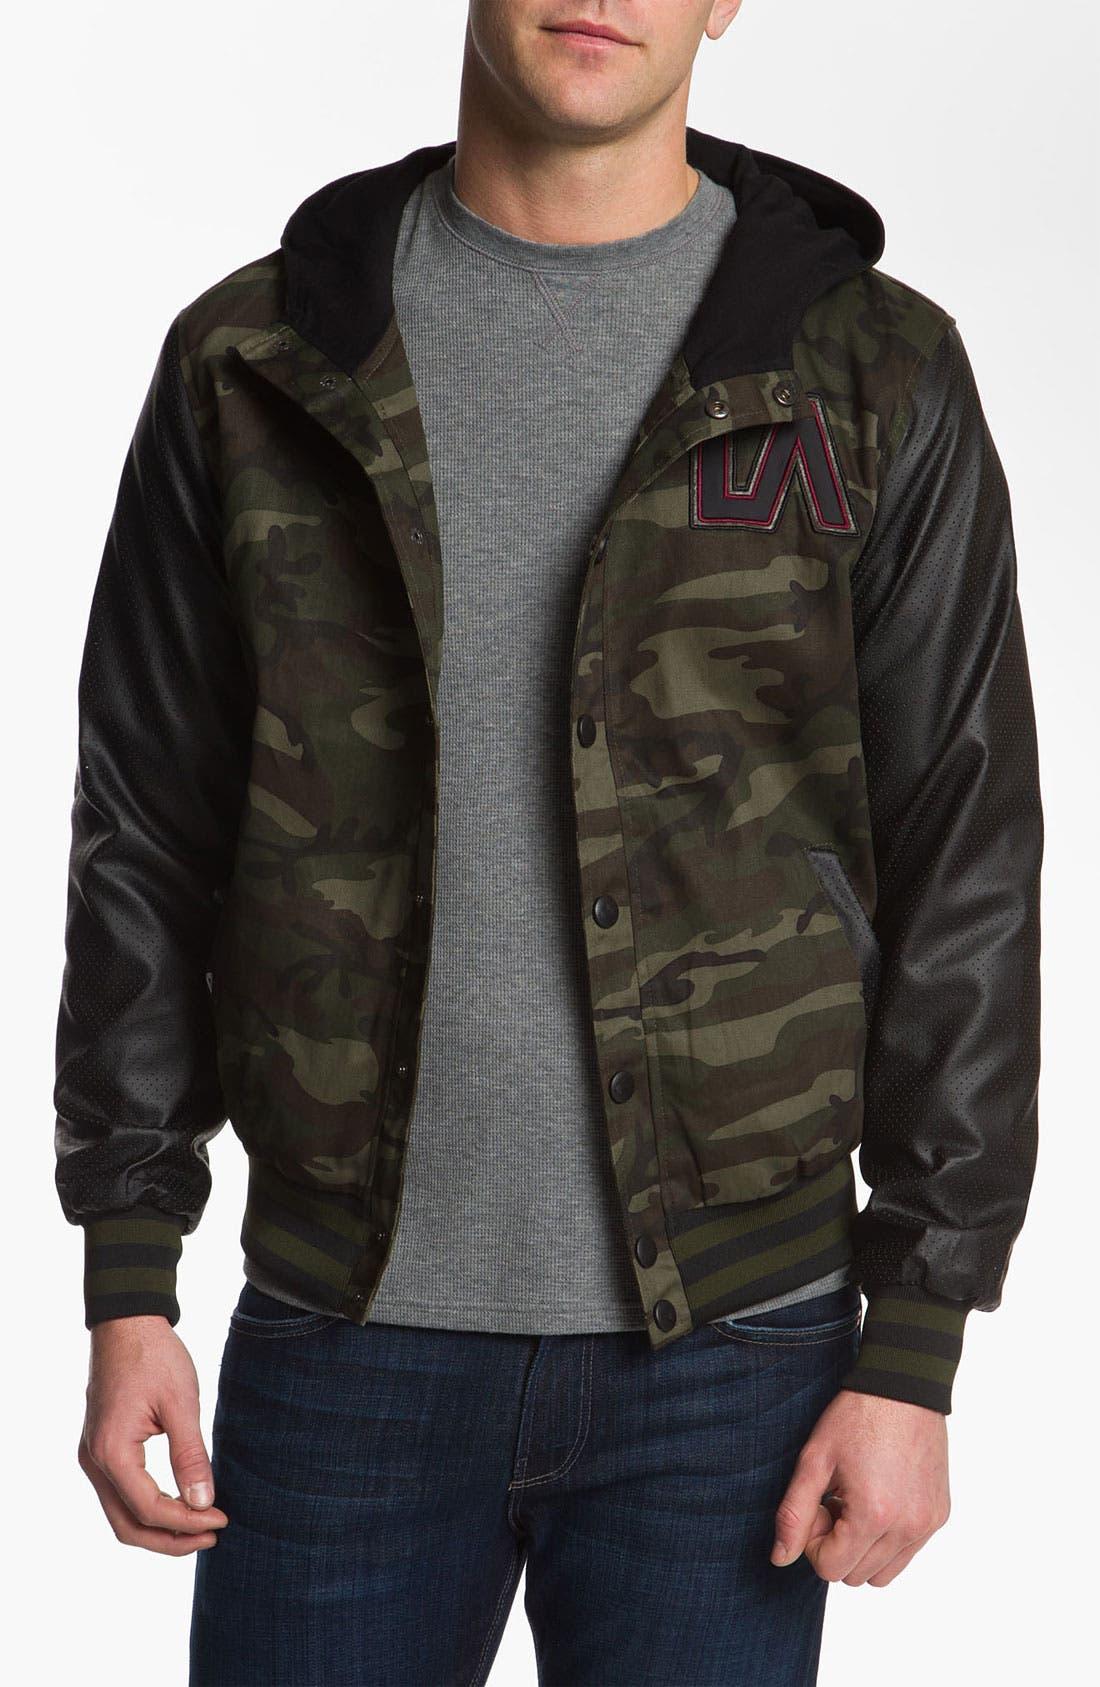 Alternate Image 1 Selected - Lira Clothing Cotton Varsity Jacket